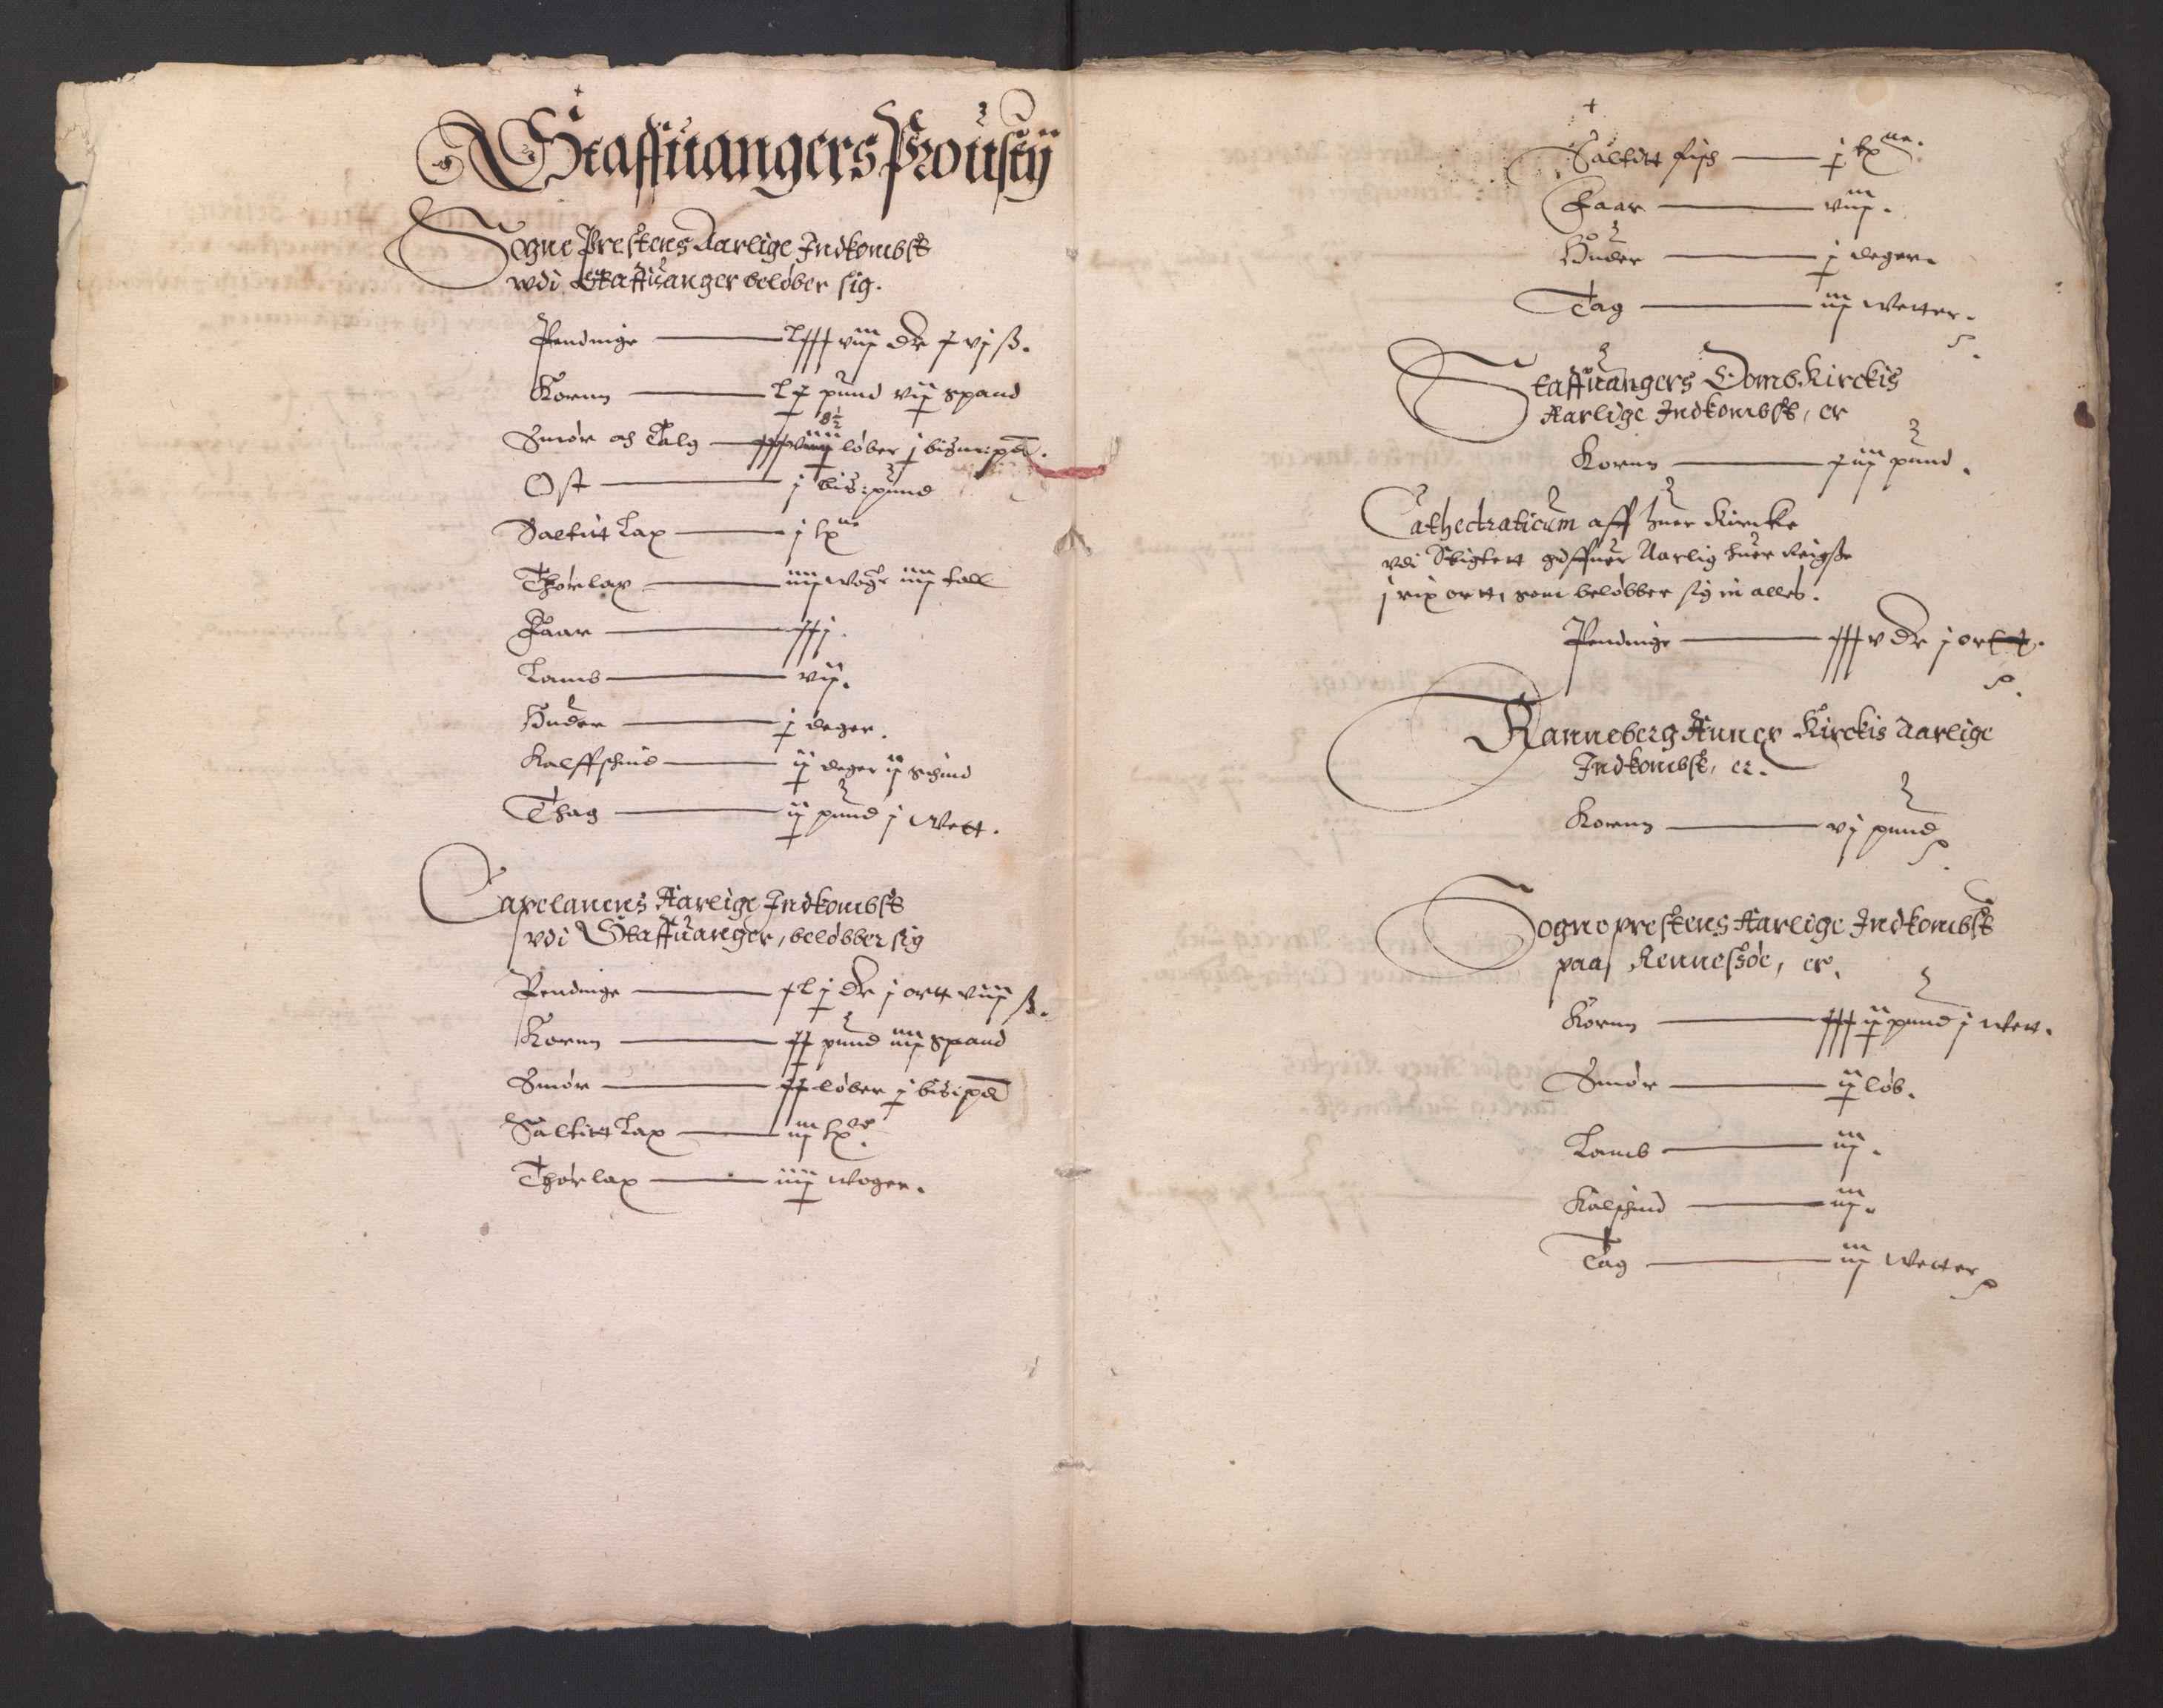 RA, Stattholderembetet 1572-1771, Ek/L0014: Jordebøker til utlikning av rosstjeneste 1624-1626:, 1625, s. 6